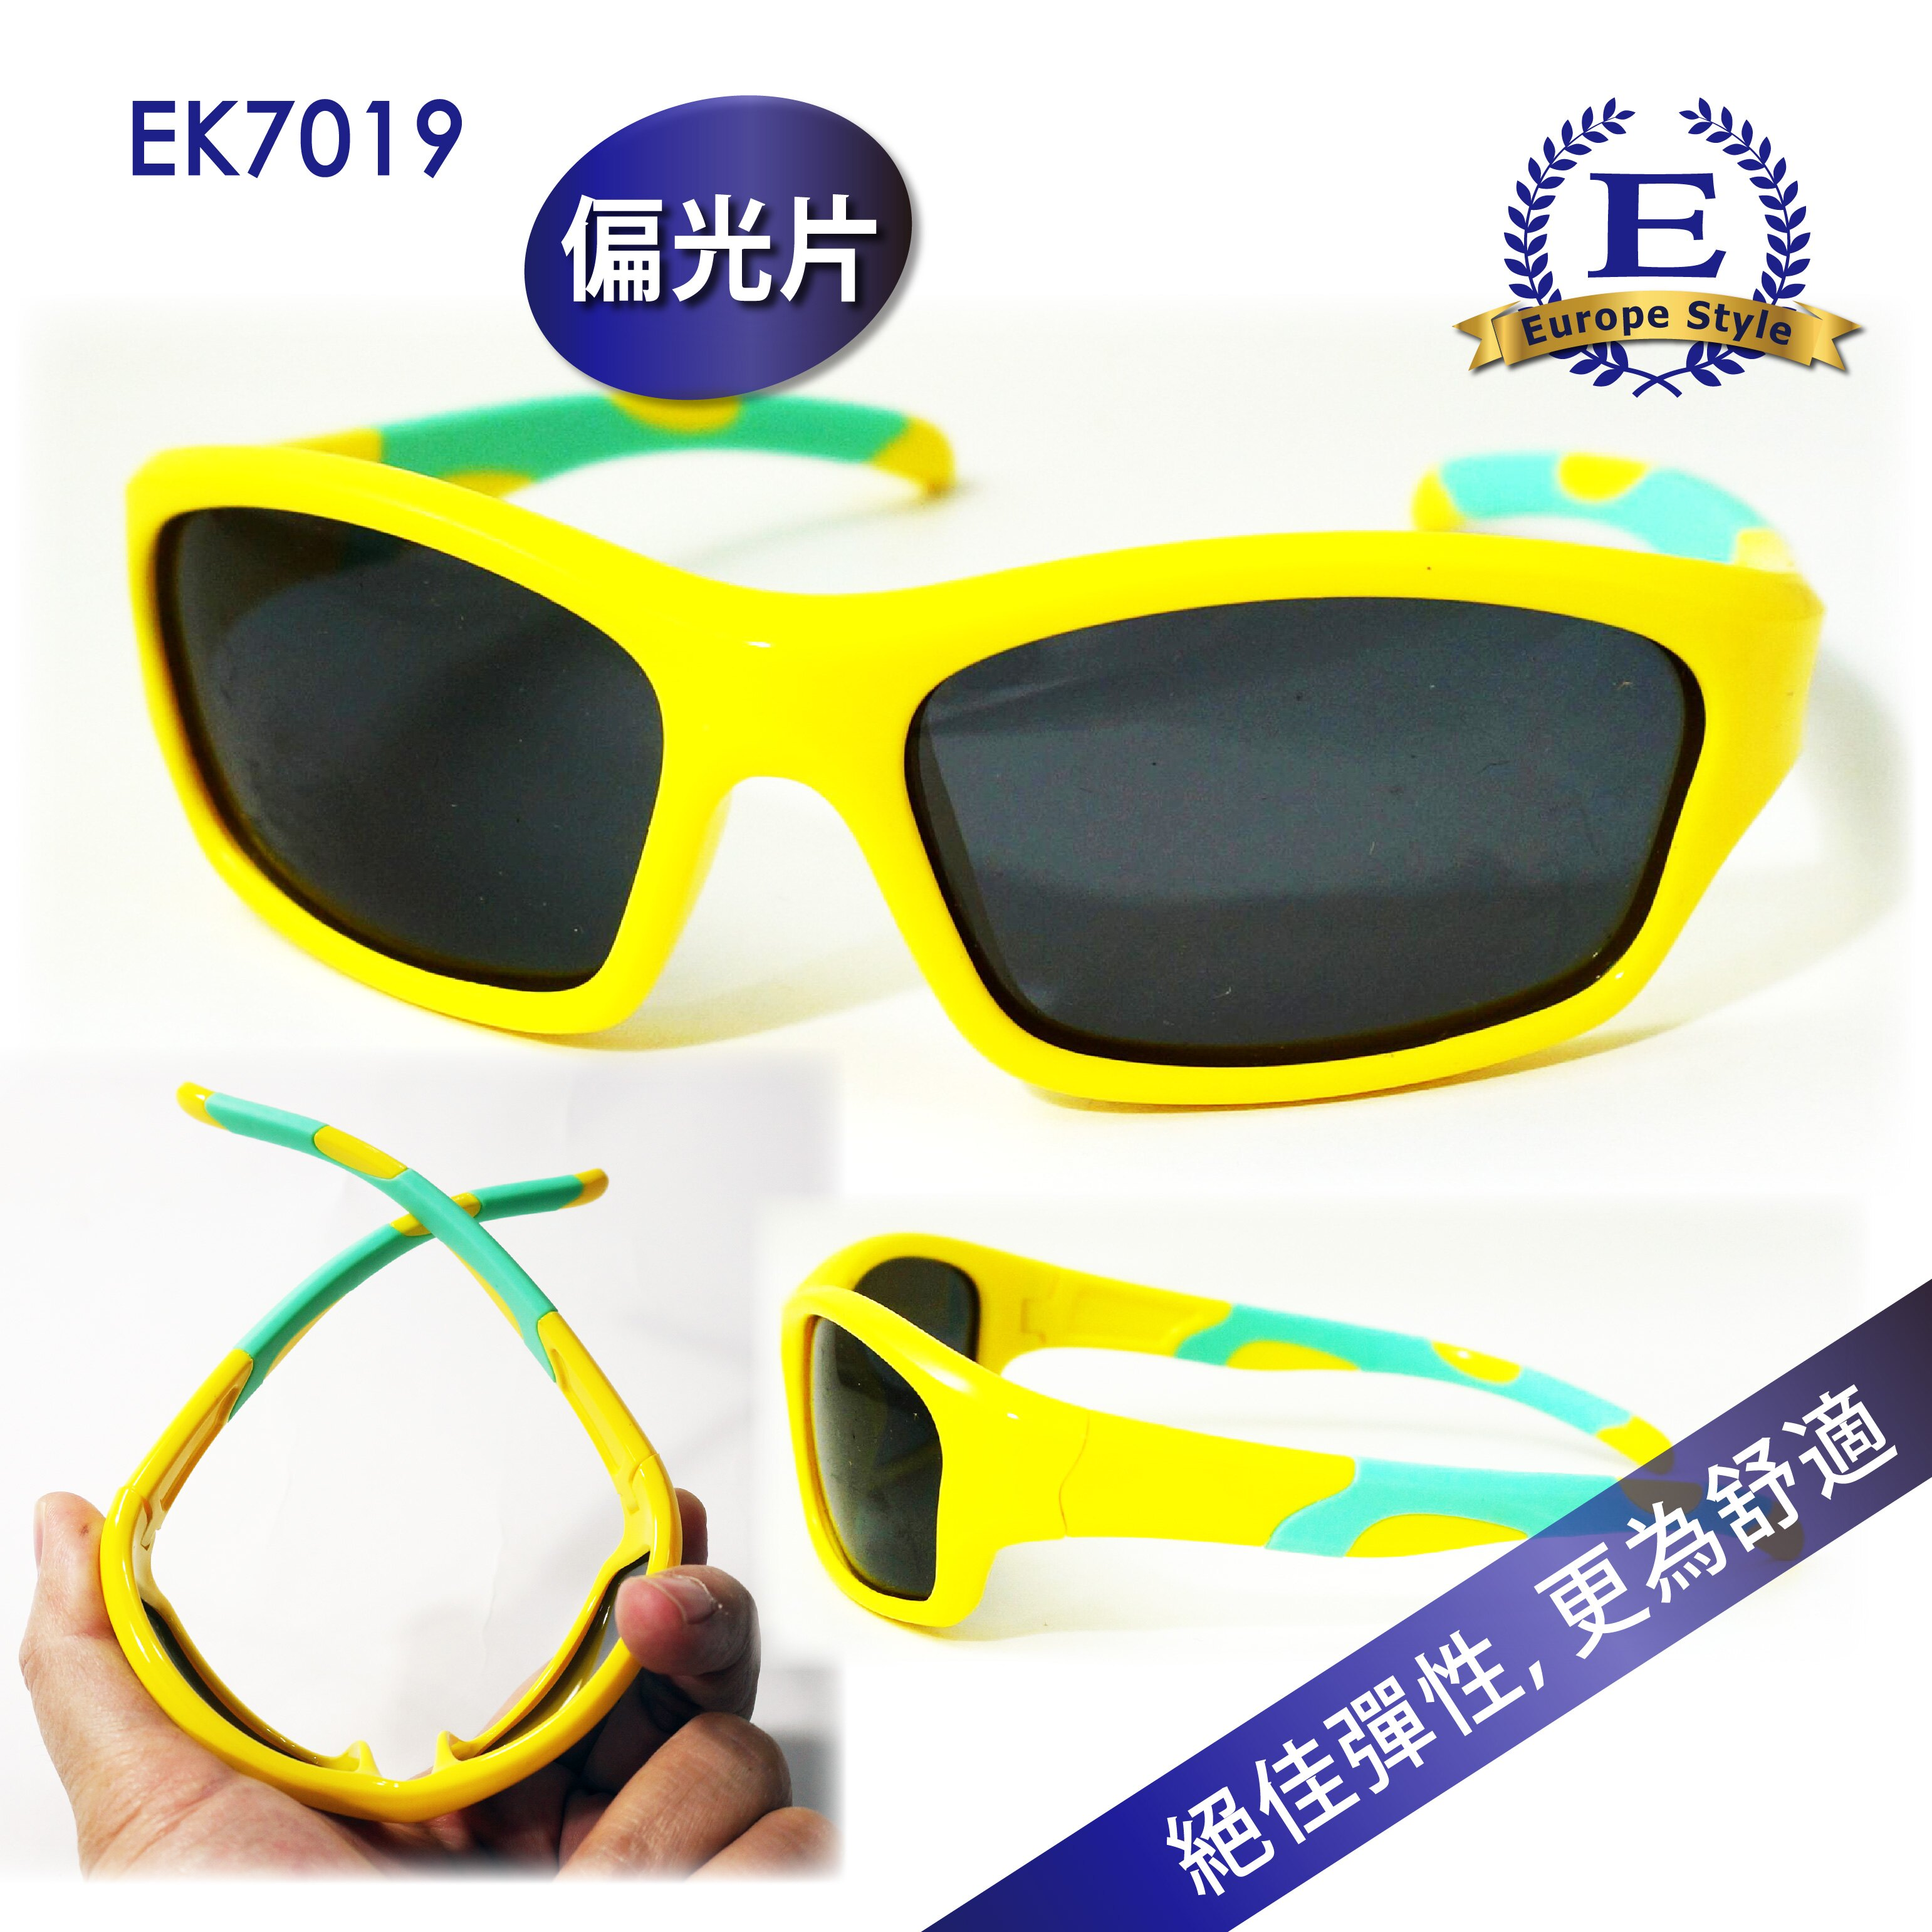 【歐風天地】兒童偏光太陽眼鏡 EK7019 偏光太陽眼鏡 防風眼鏡 單車眼鏡 運動太陽眼鏡 運動眼鏡 自行車眼鏡  野外戶外用品